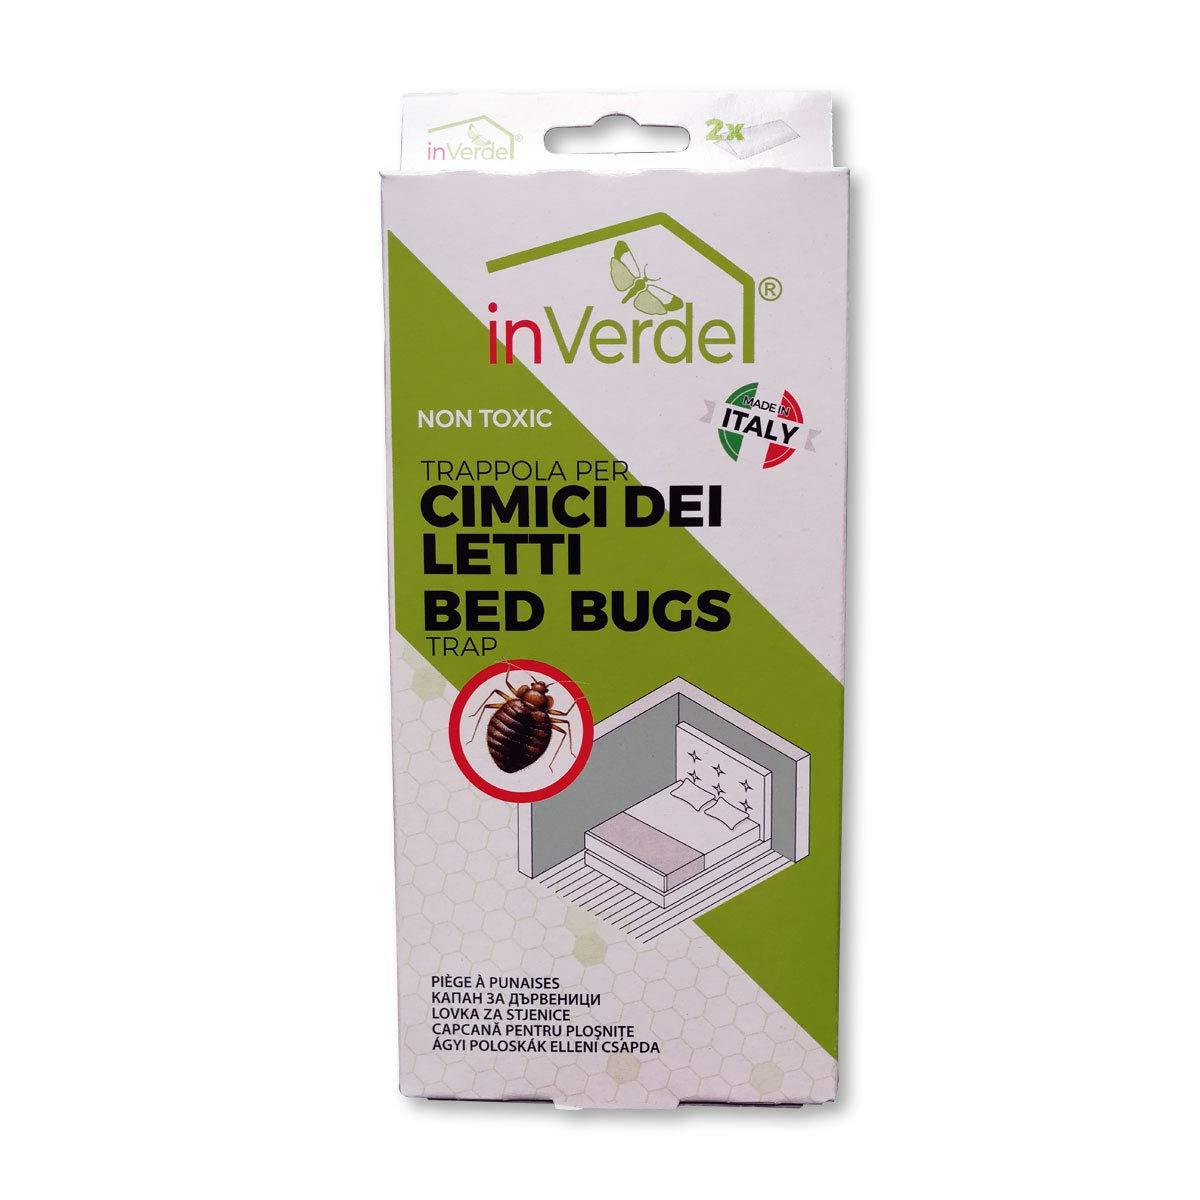 BED BUG Trappole adesive per cimici dei letti